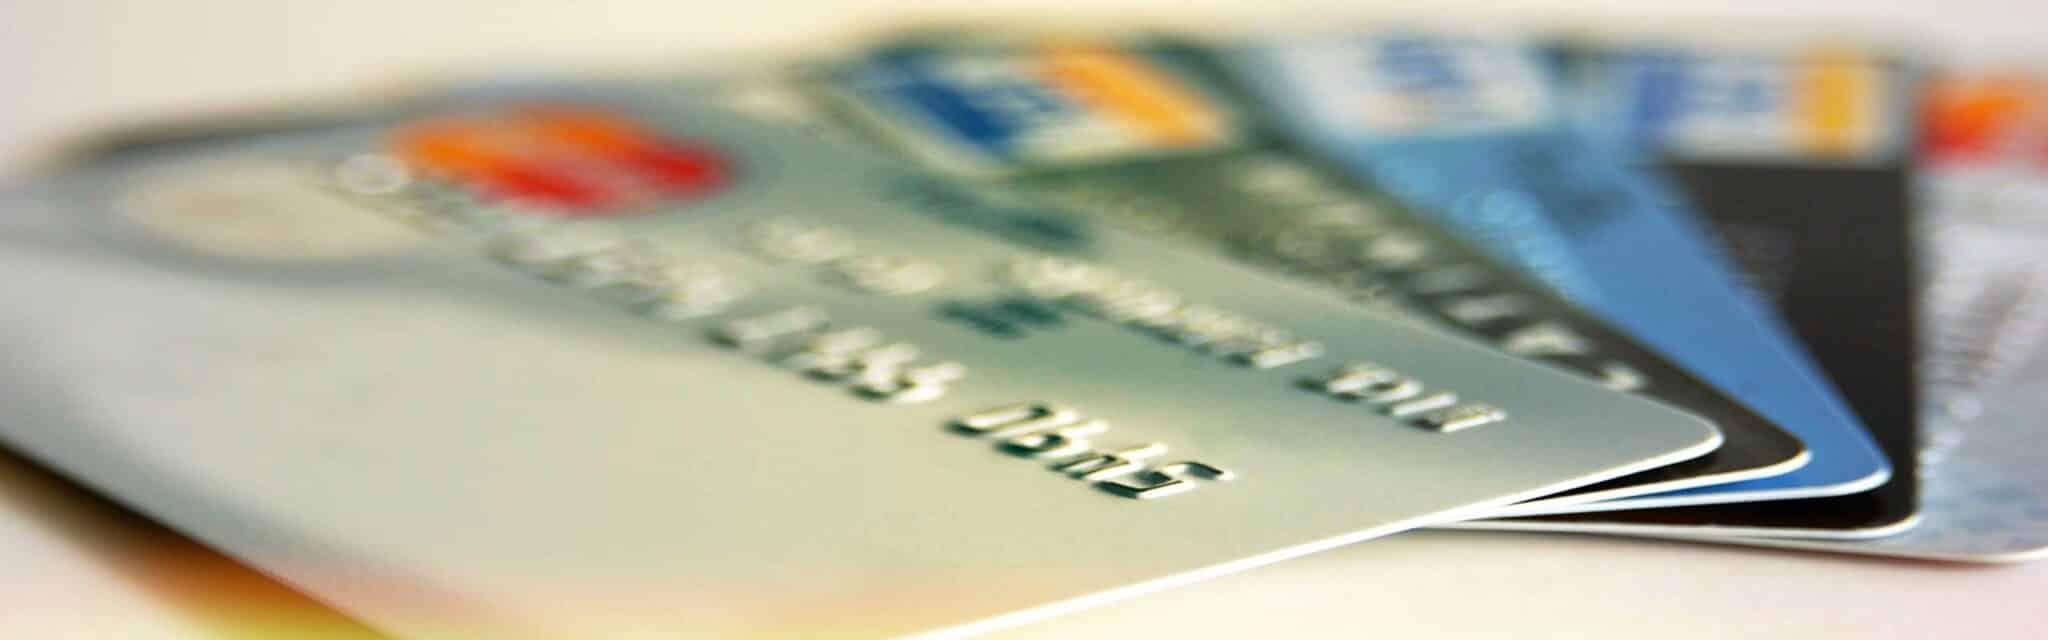 Carte bancaire relief et sans relief : les différences